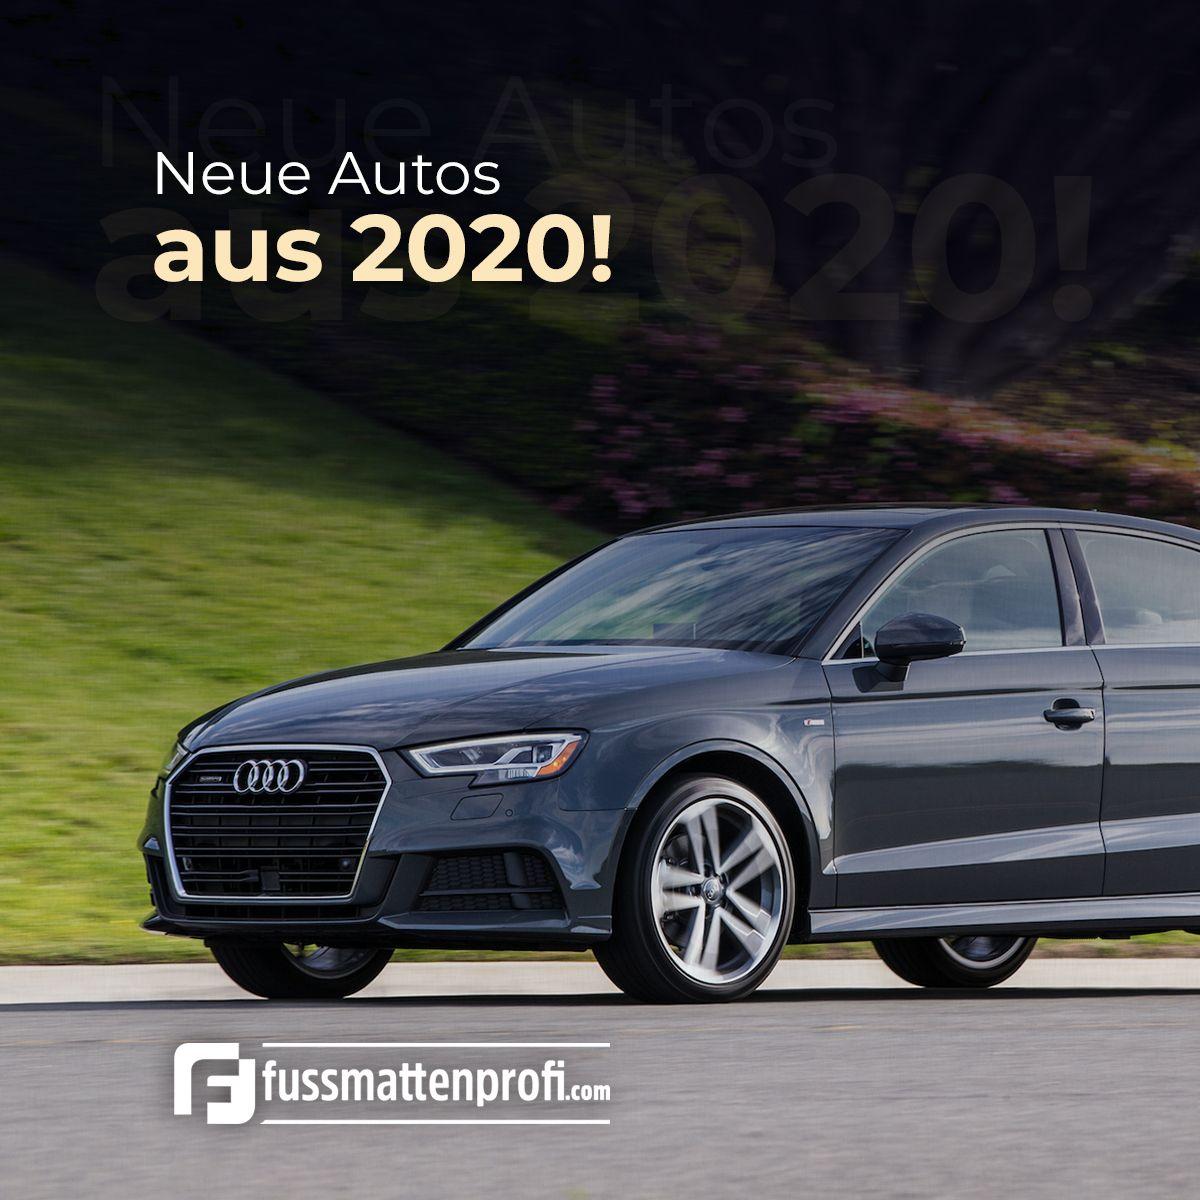 Auf diese Autos aus 2020 dürfen Sie sich ganz besonders freuen :)   .   ✔️ VW Golf 8   ✔️